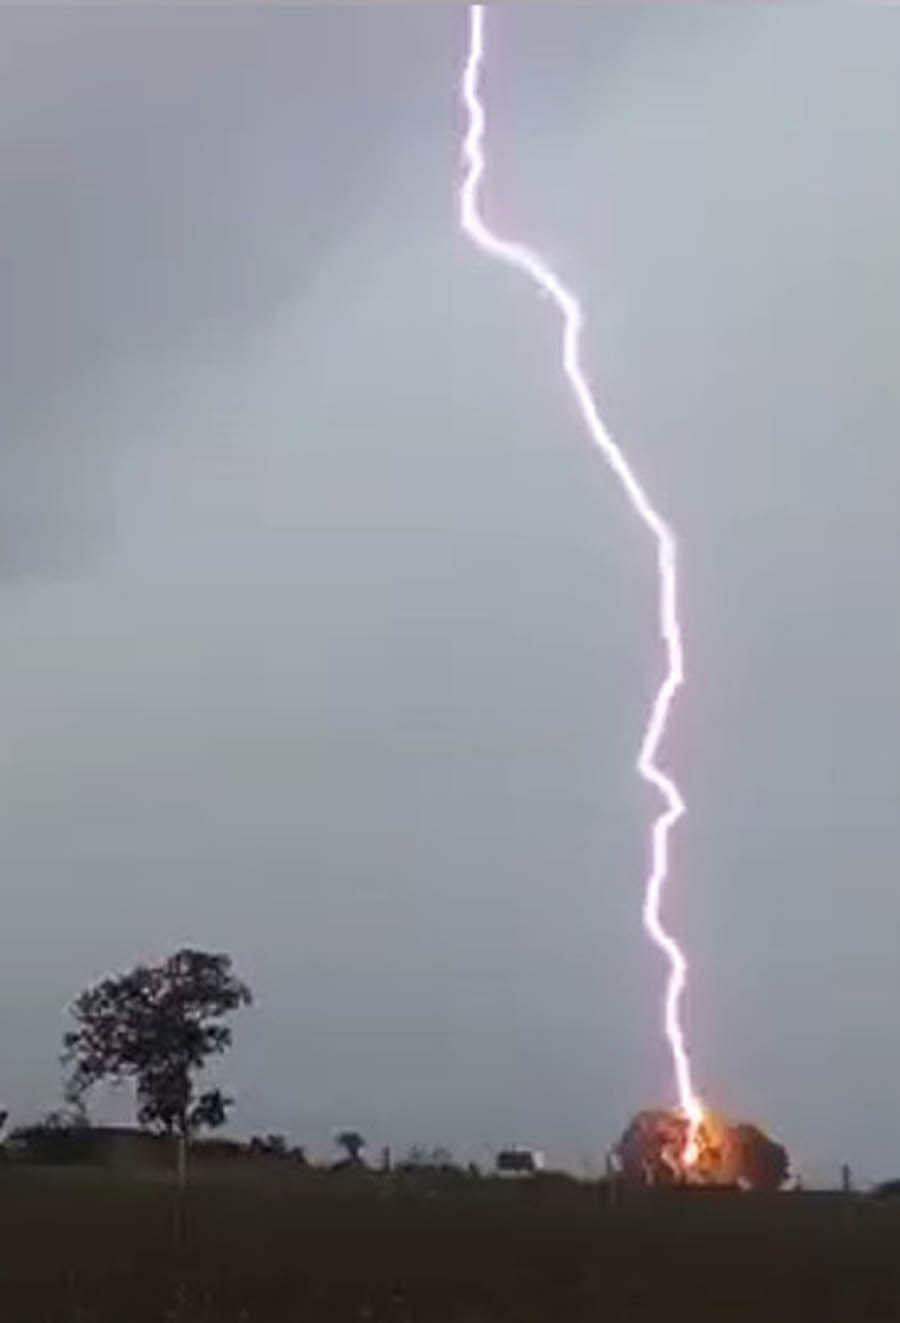 गुजरात: सौराष्ट्र में आकाशीय बिजली गिरने से 7 लोगों की मौत, 6 झुलसे